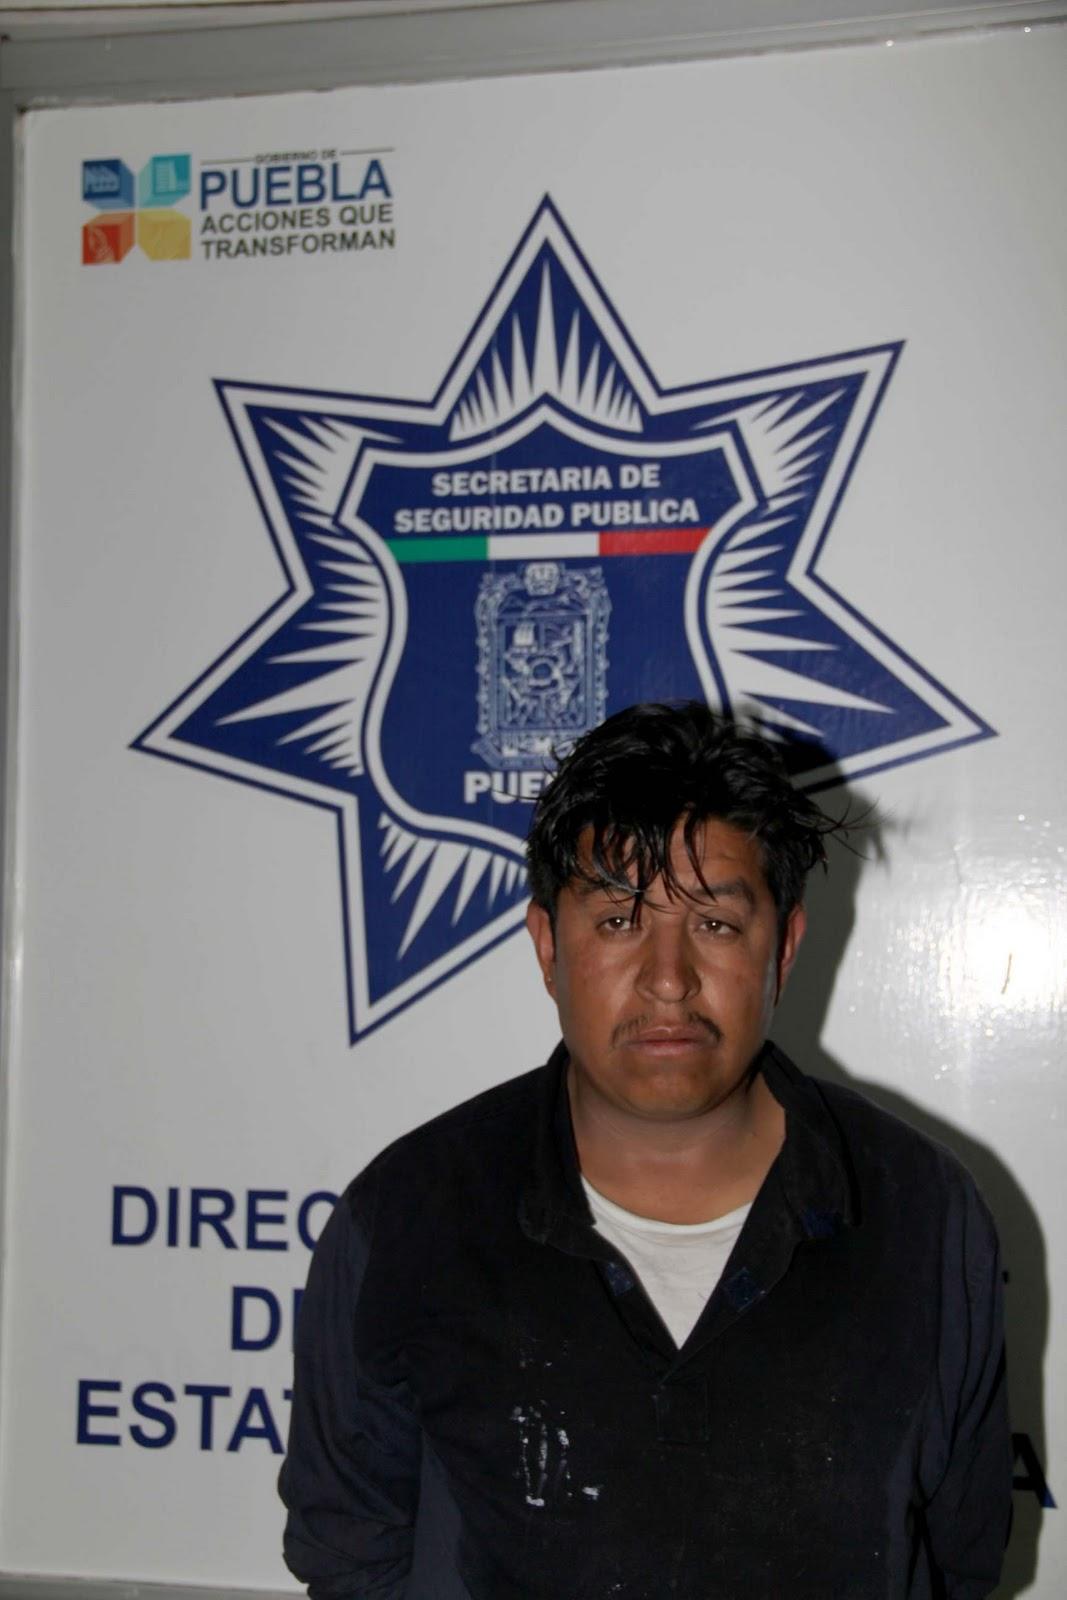 Circuito Juan Pablo Ii 429 Col San Baltazar Campeche : Secretaría de seguridad pública del estado puebla